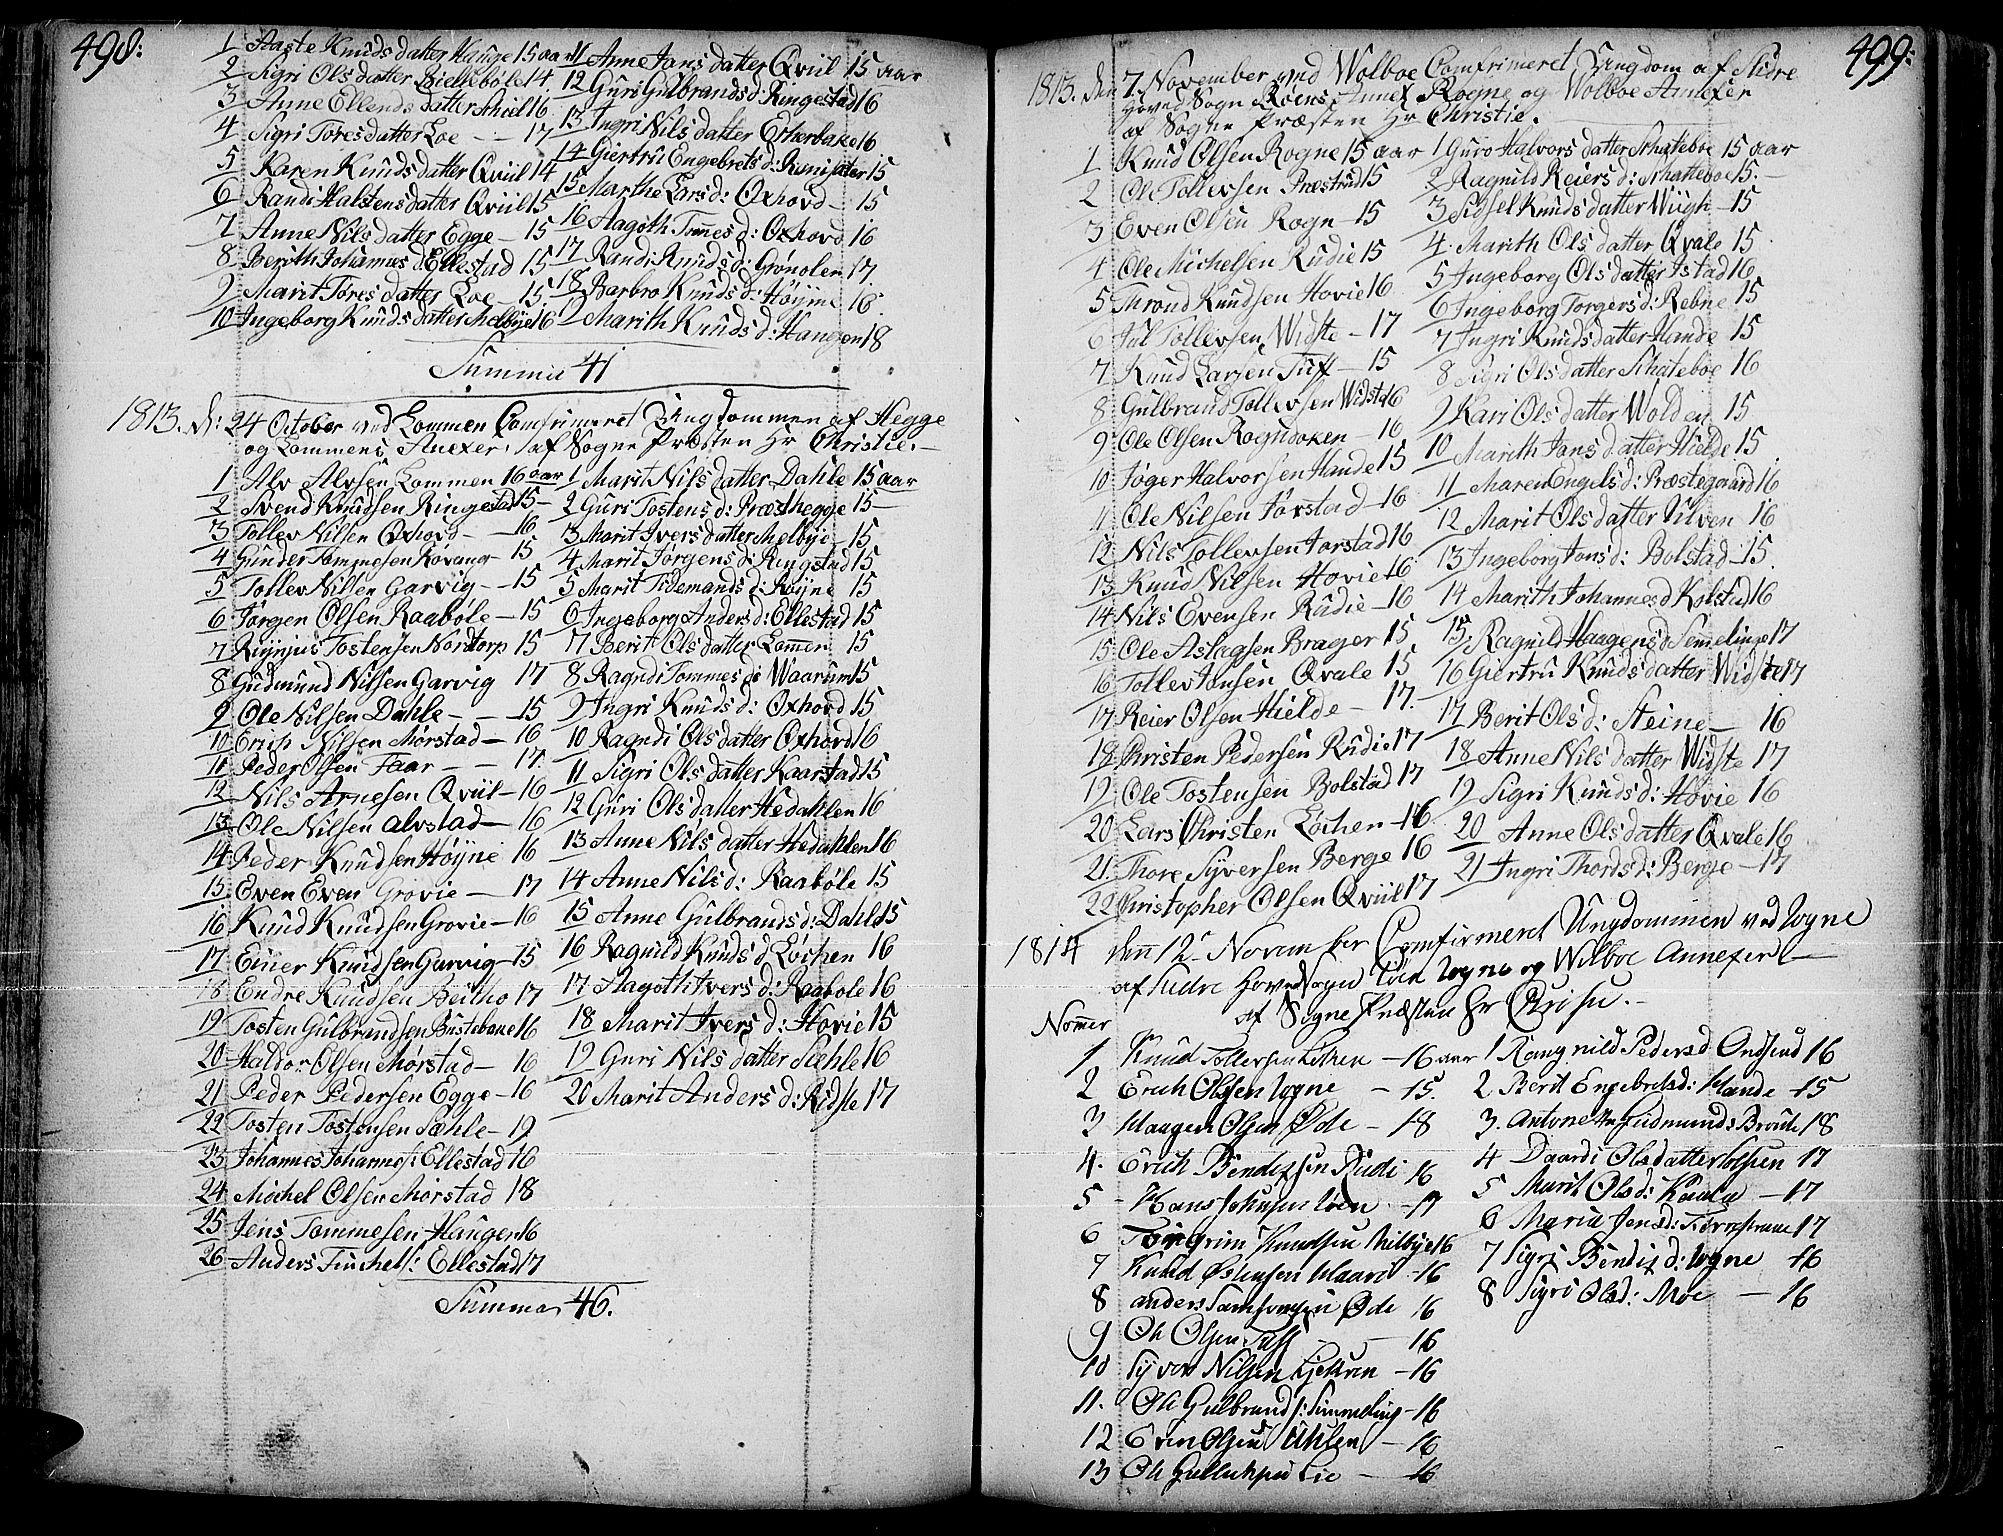 SAH, Slidre prestekontor, Ministerialbok nr. 1, 1724-1814, s. 498-499